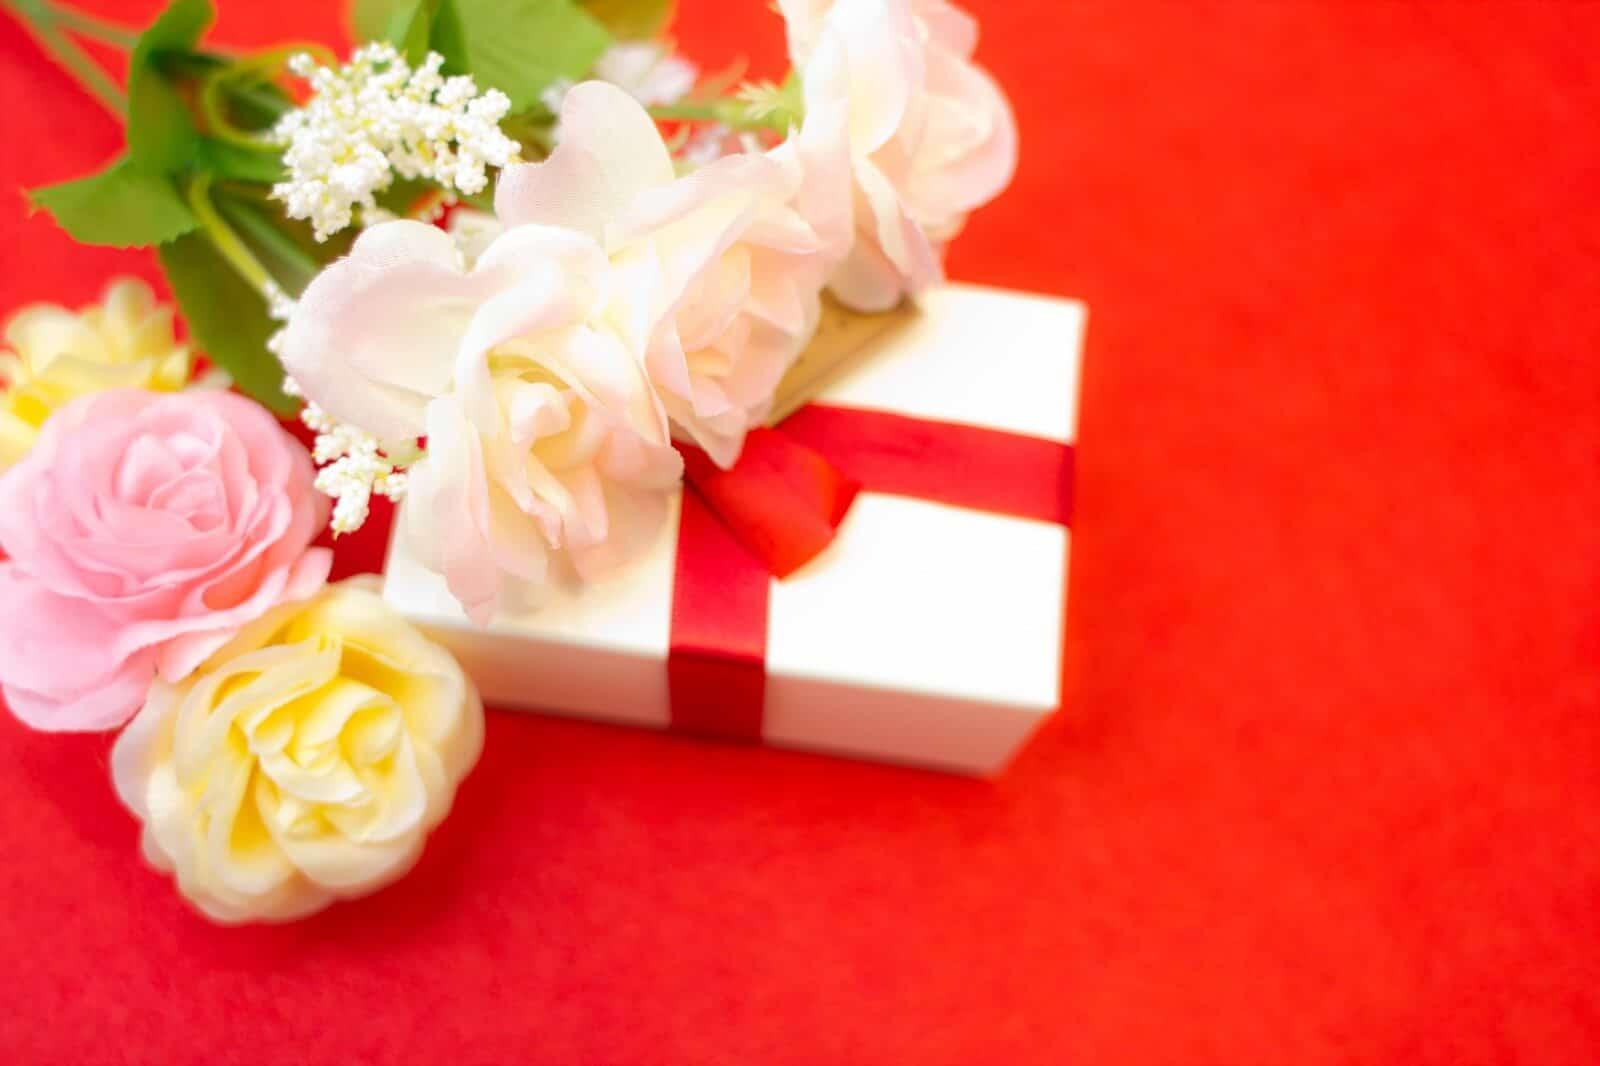 発表会にお呼ばれ。お花は必要?手ぶらでもいい??喜ばれるプレゼントは?